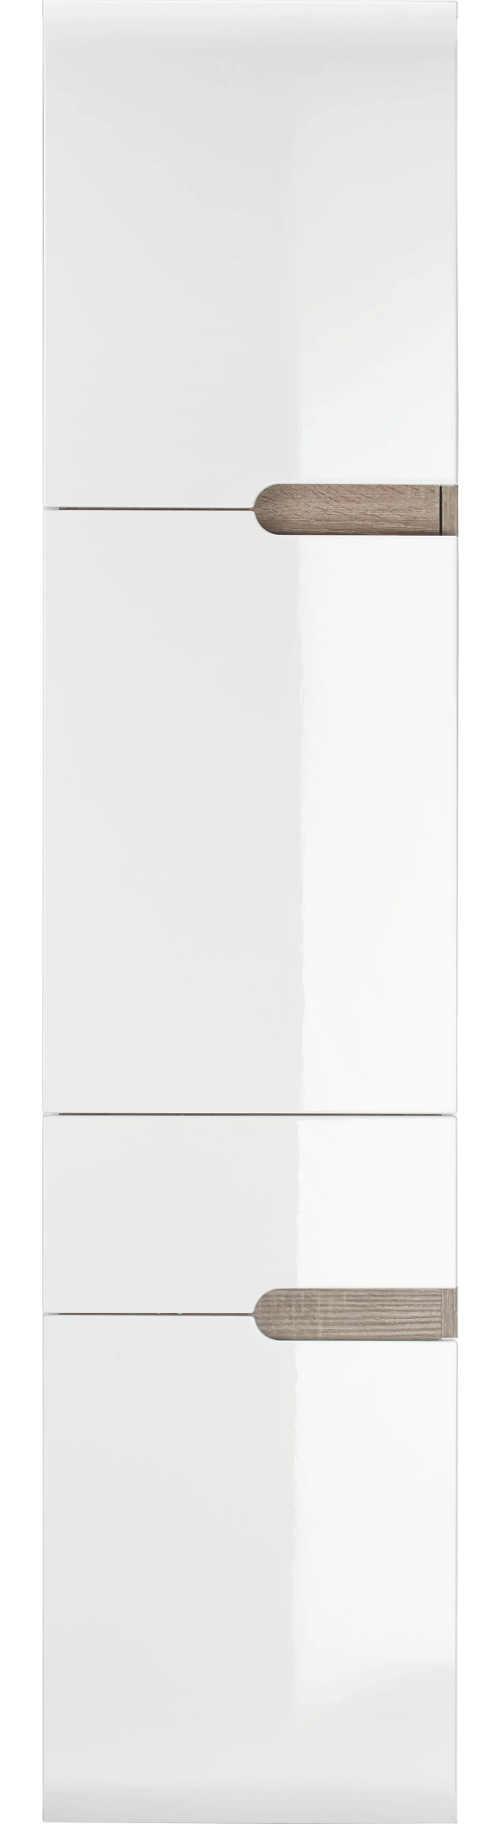 Moderní vysoká bílá lesklá závěsná koupelnová skříňka